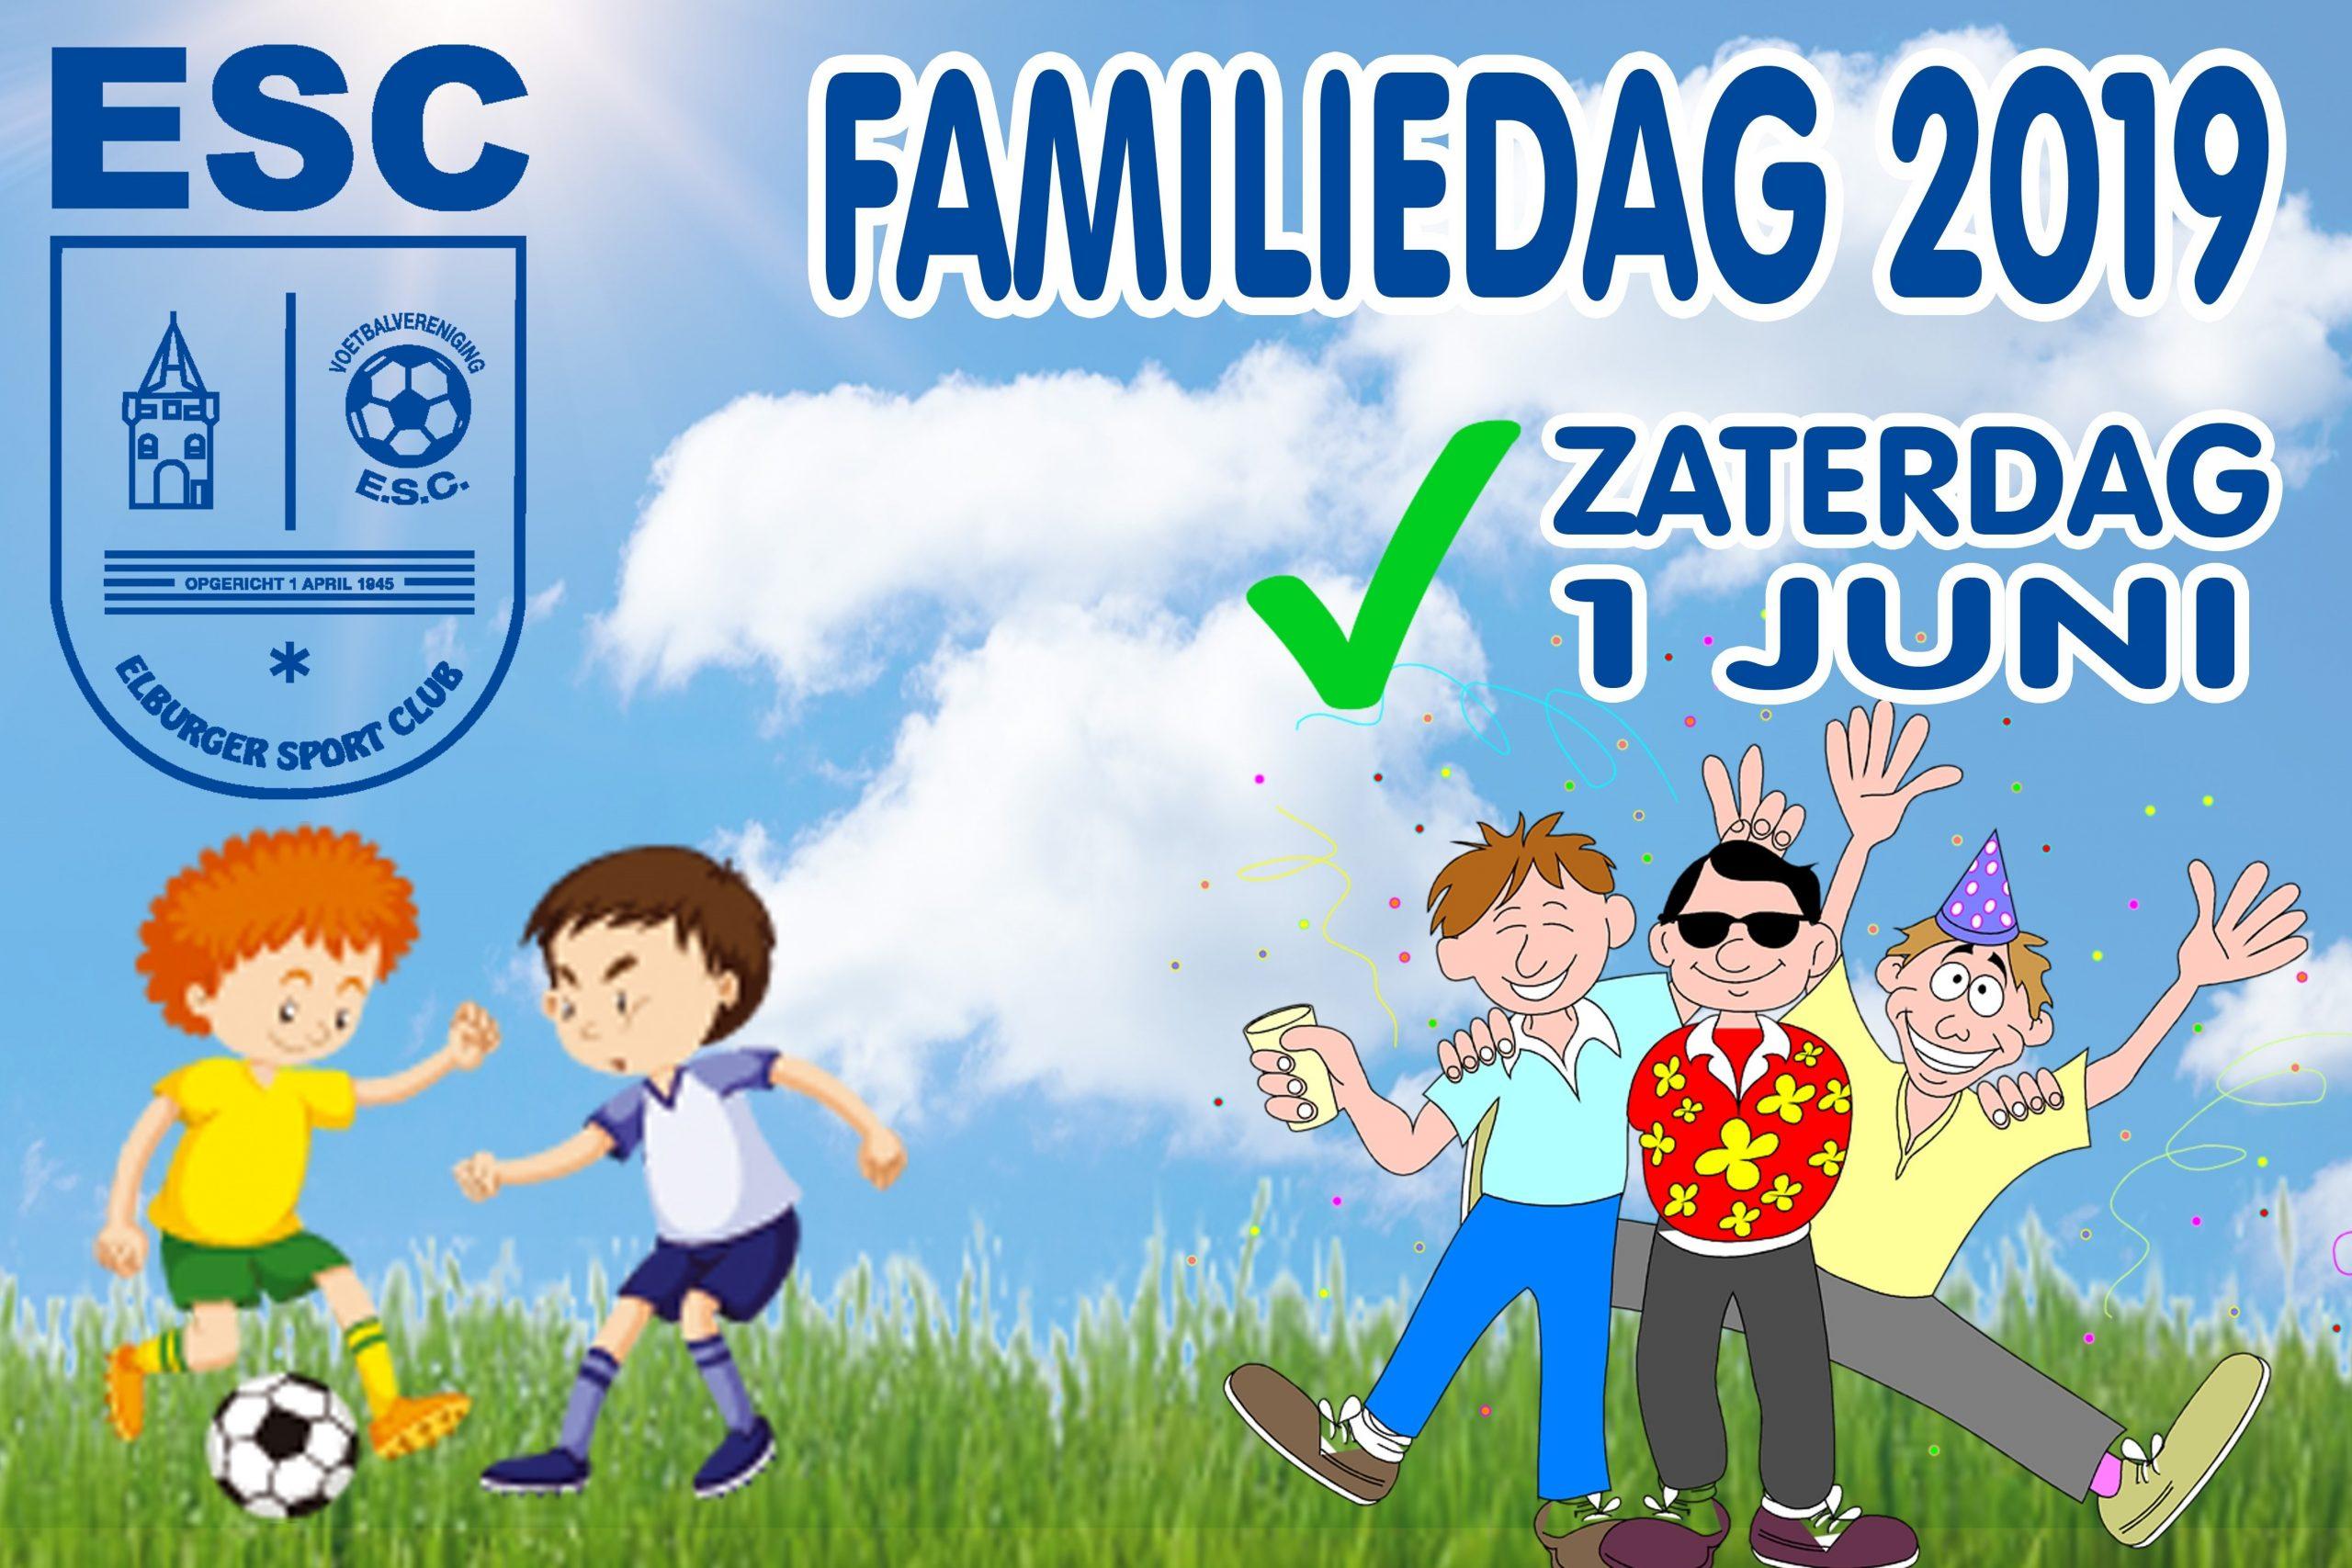 Aanstaande zaterdag familiedag - Elburger SC